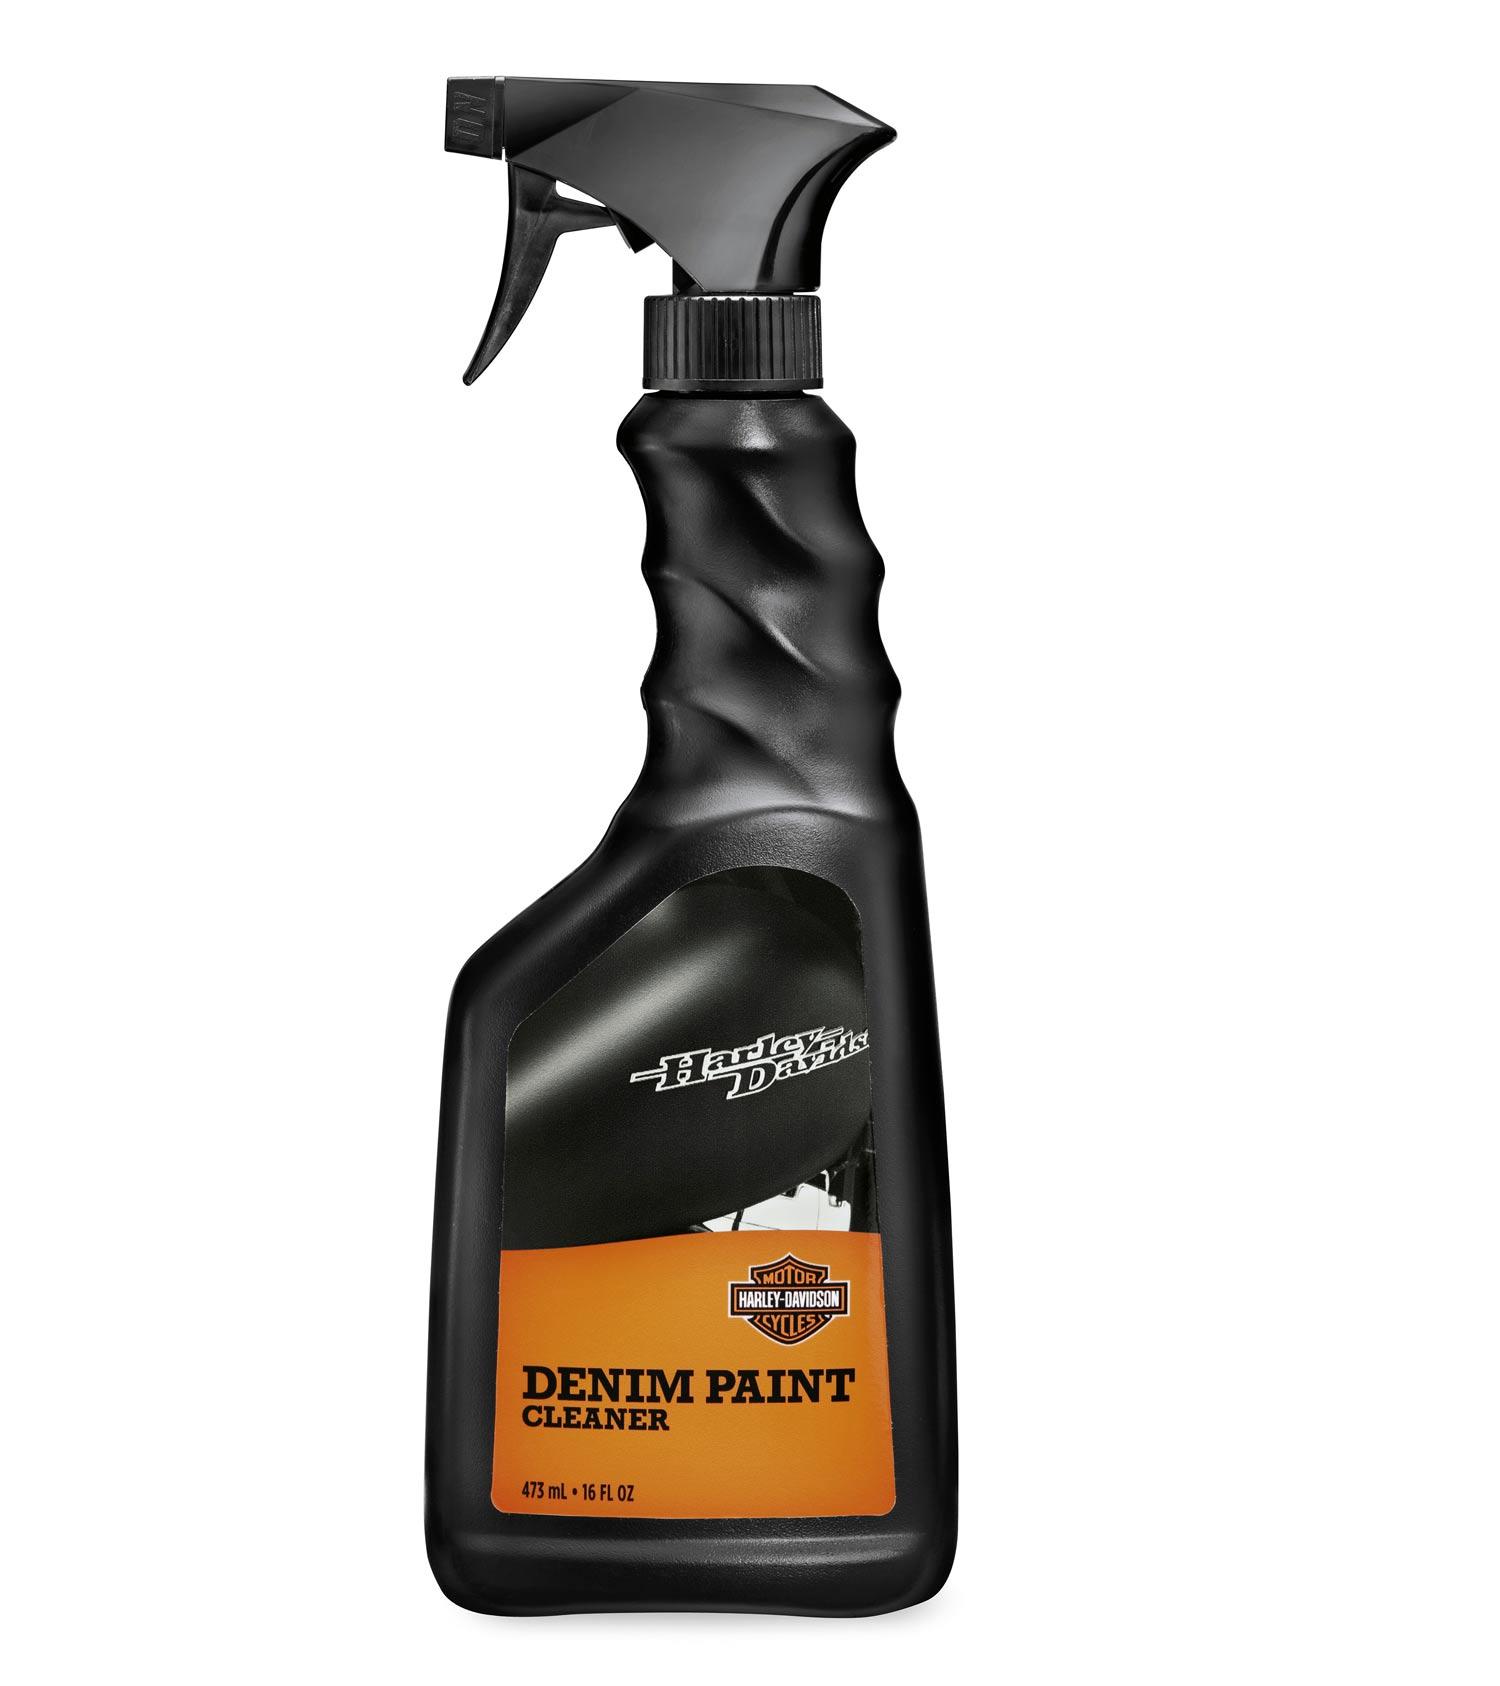 93600078 denim paint cleaner at thunderbike shop. Black Bedroom Furniture Sets. Home Design Ideas